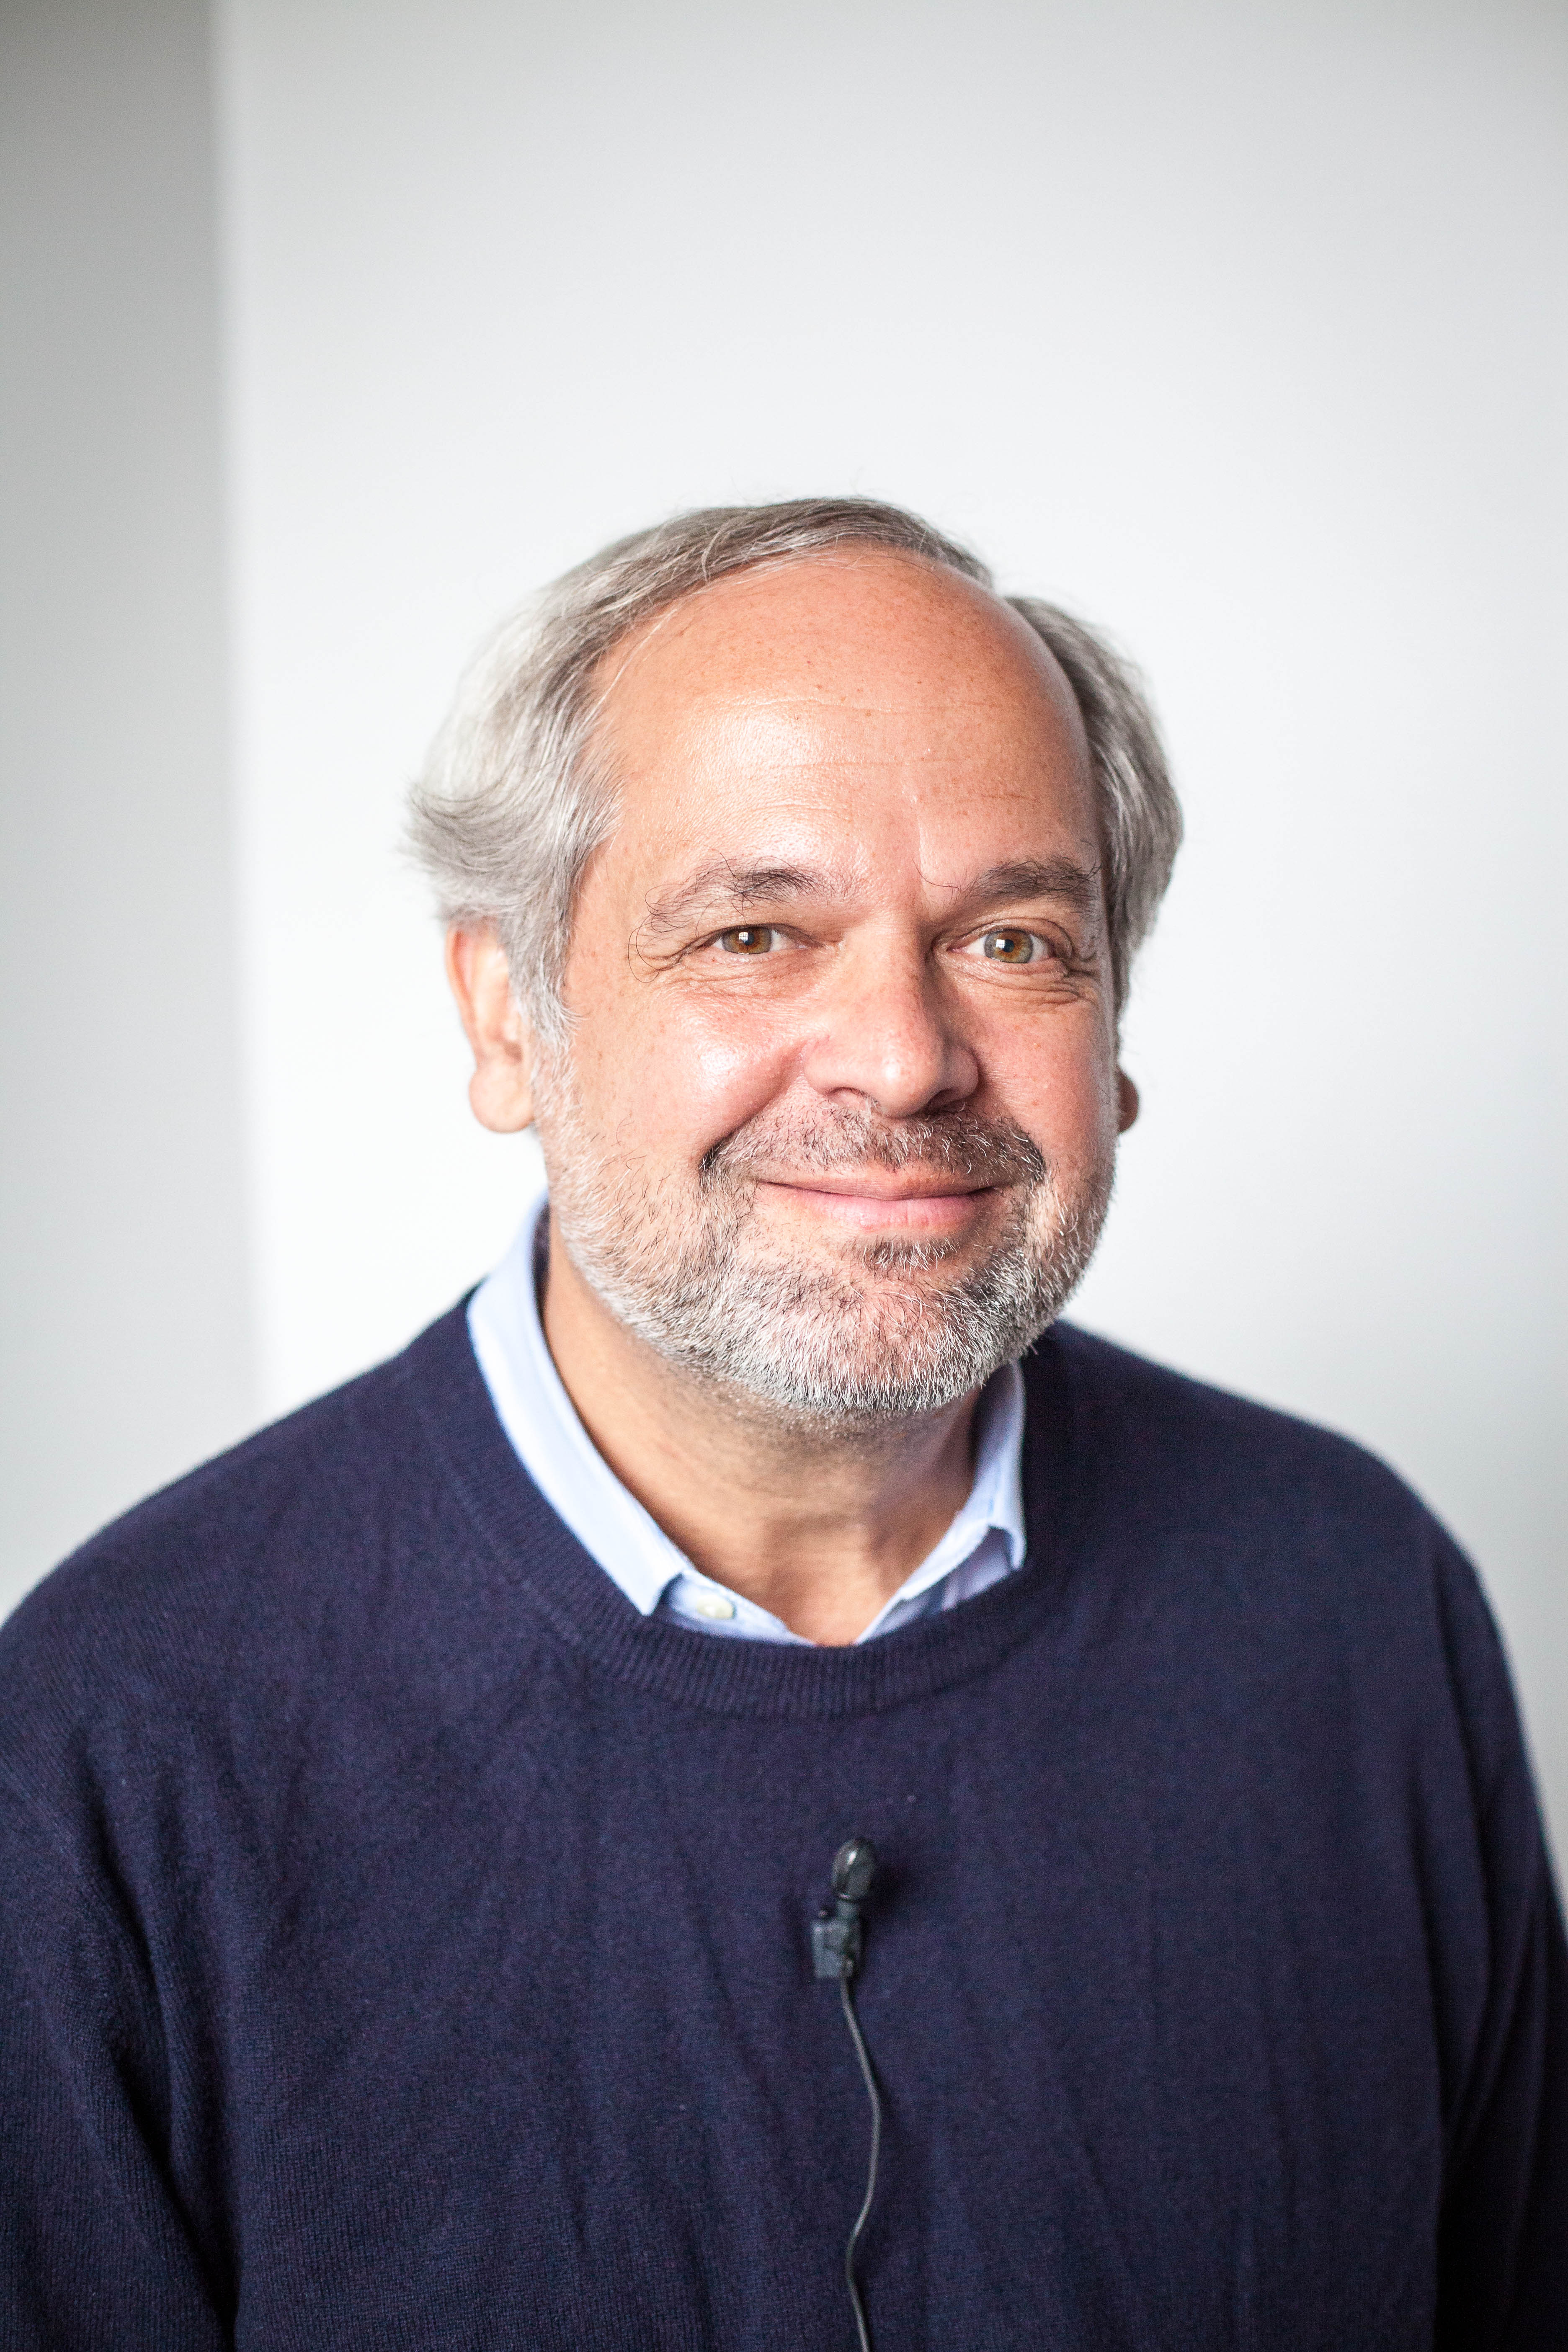 Portrait of Juan Enríquez Cabot at PopTech 2012